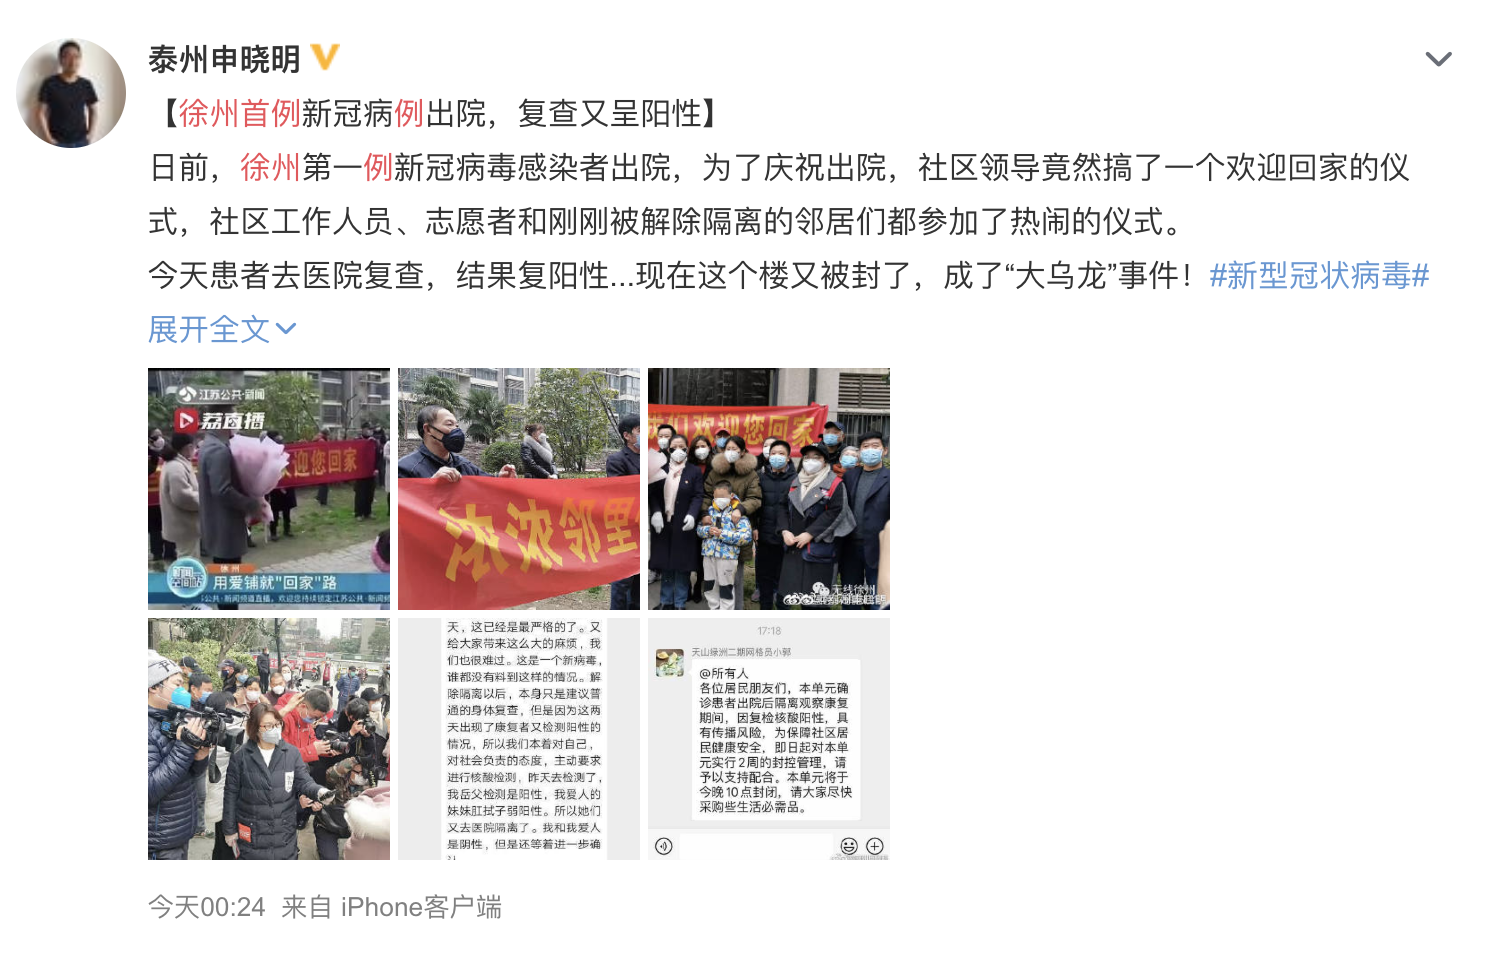 徐州首例確診病人出院後再檢查呈陽性,歡迎他出院的鄰居遭殃,65人被隔離,小區被封。(網絡截圖)